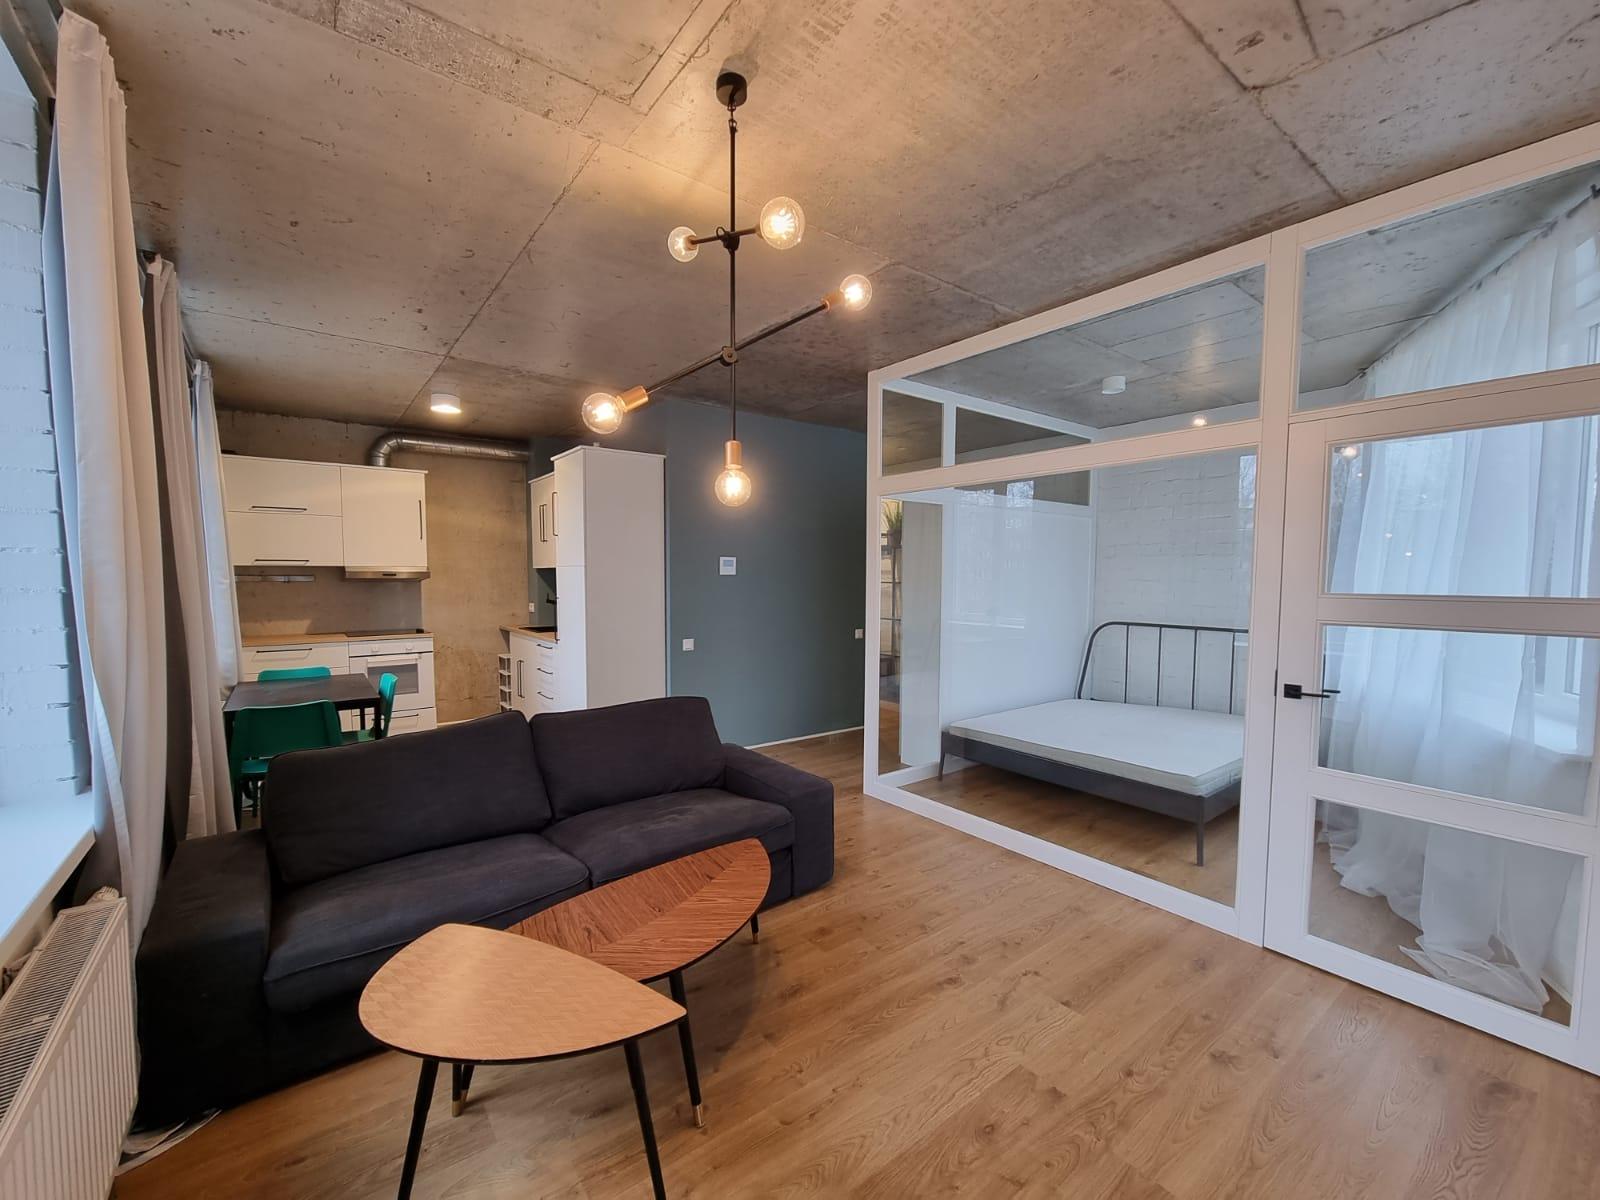 Продается студия с отдельной спальней в новом проекте